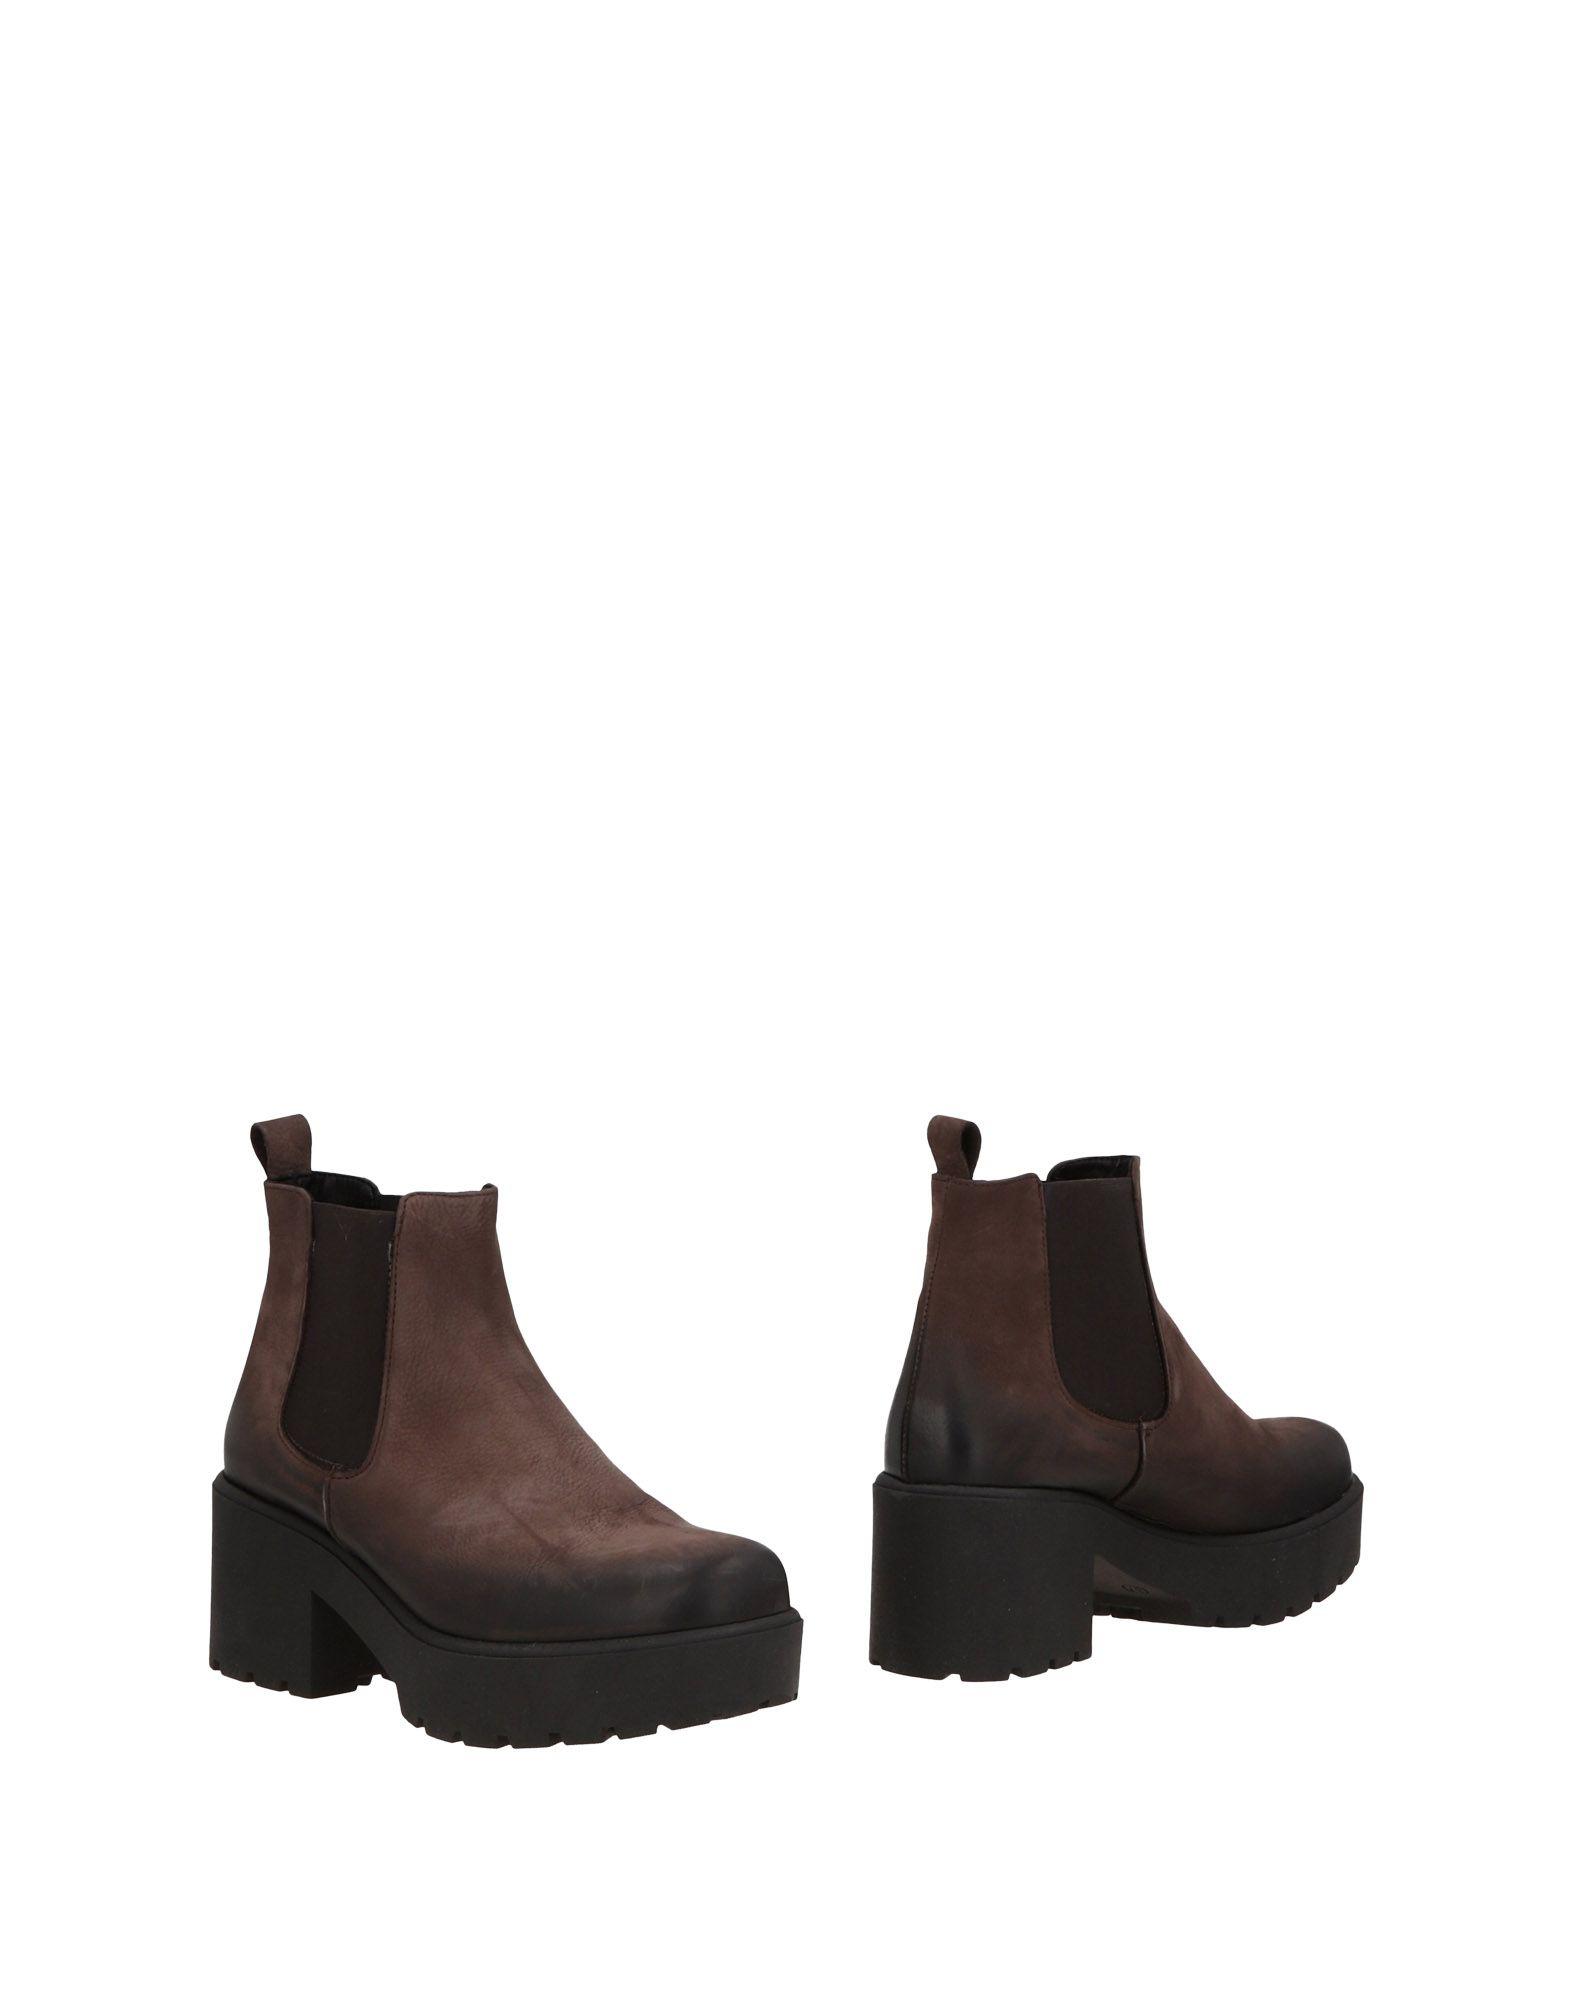 Unlace Stiefelette Damen  11473973WI Gute Qualität beliebte Schuhe